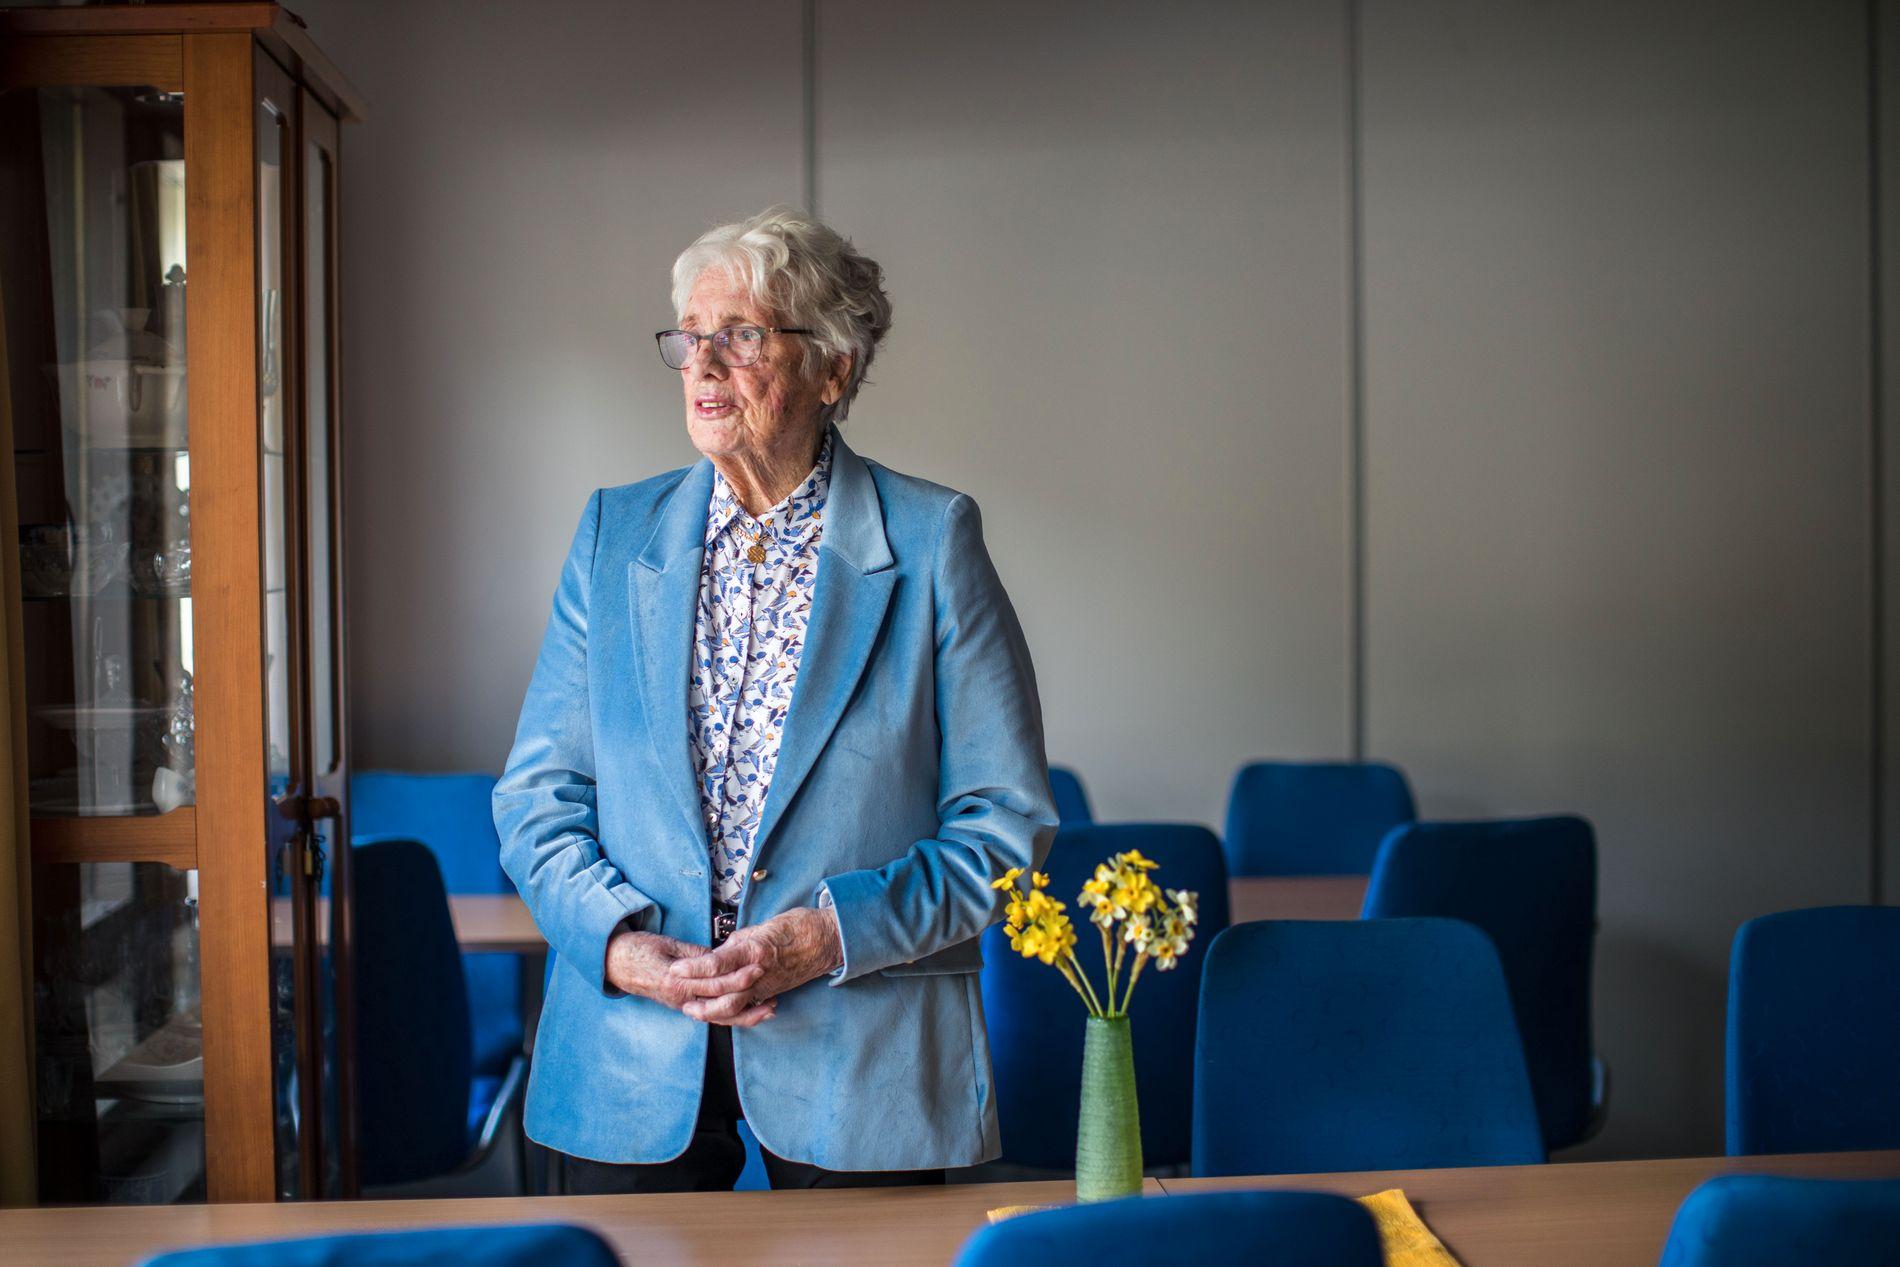 REAGERER: – Om du er 80 år er du ikke mindre verdt som menneske, sier leder av Eldrerådet i Bergen, Inger Johanne Knudsen.